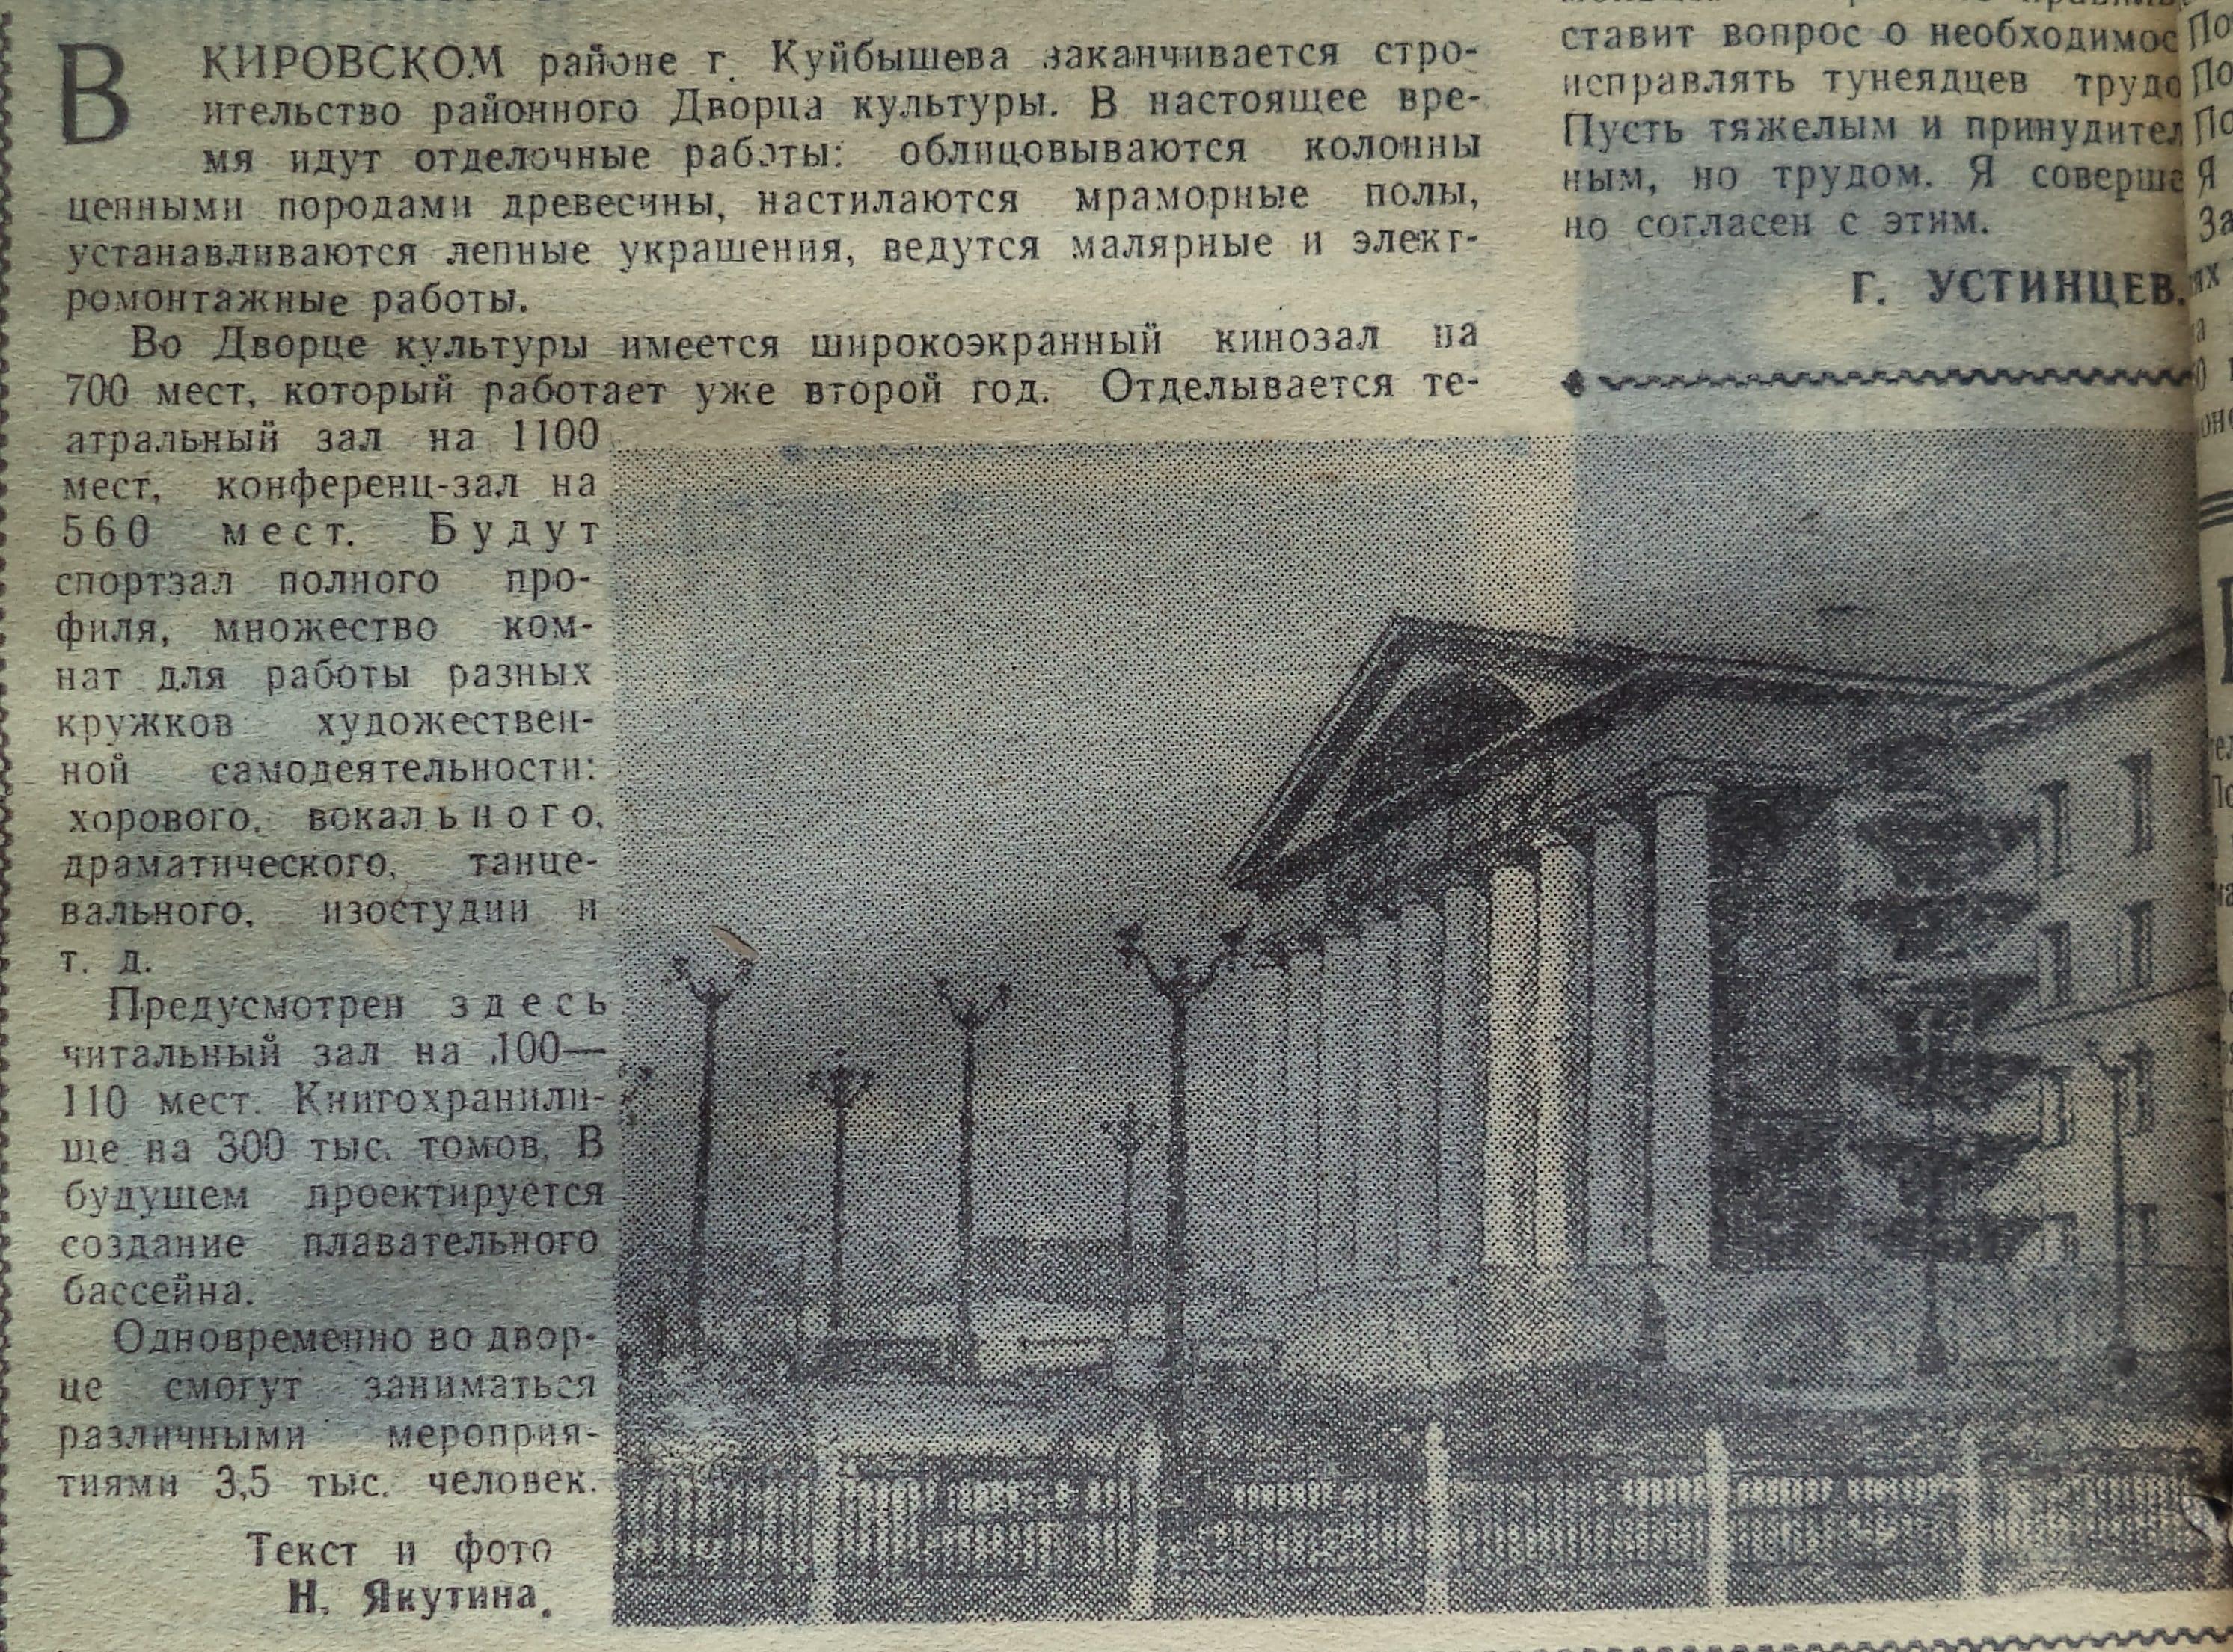 03-ВКц-1960-12-20-фото ДК Кир